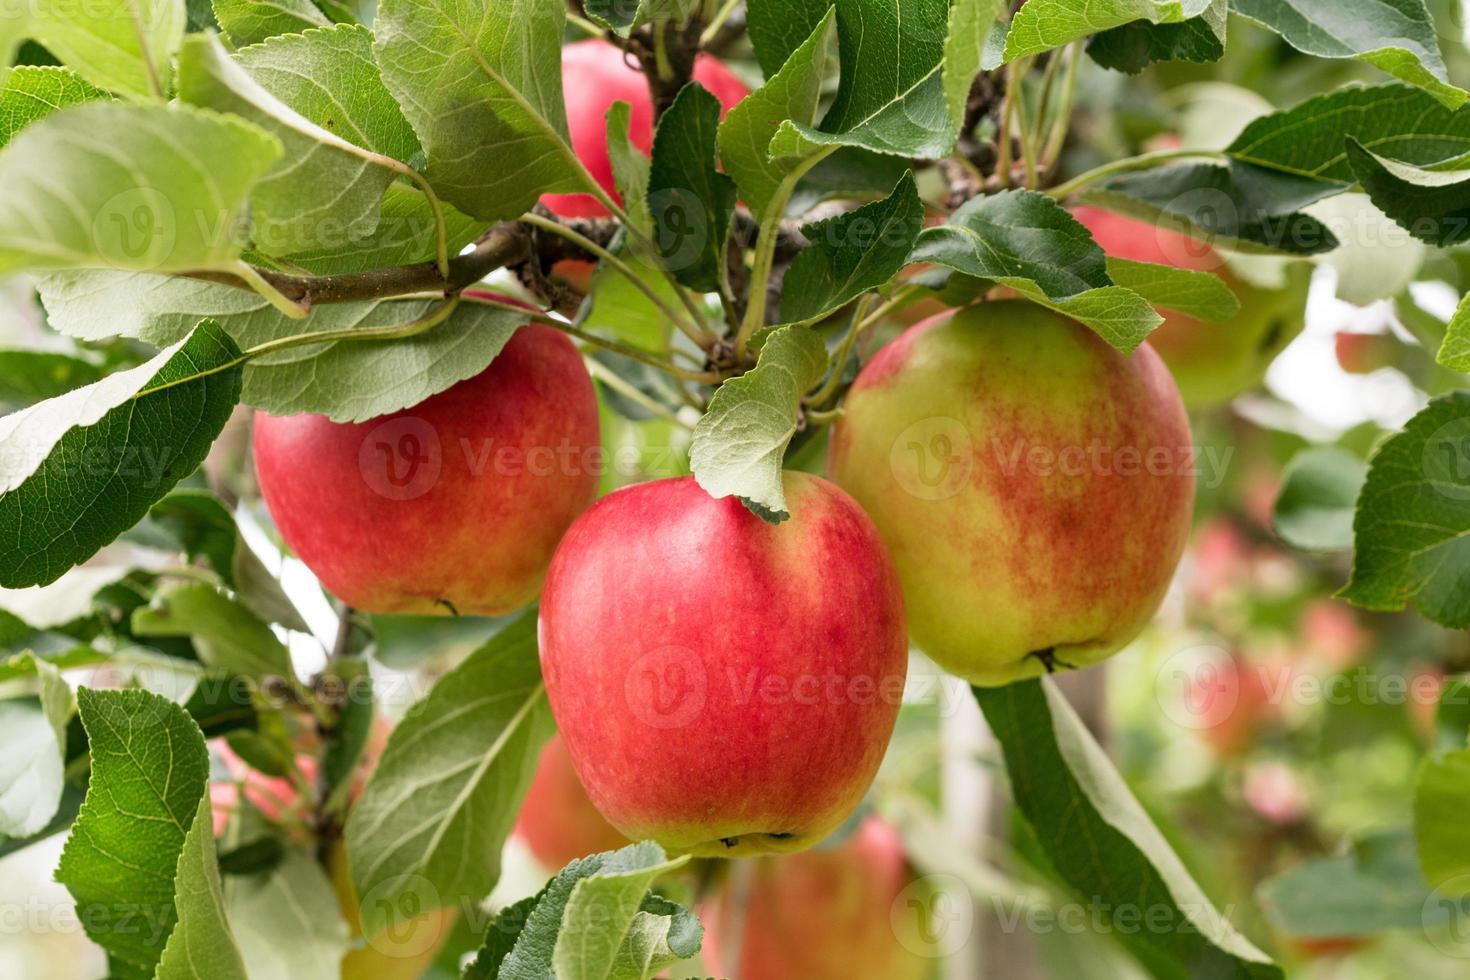 röda äpplen växer i trädet foto